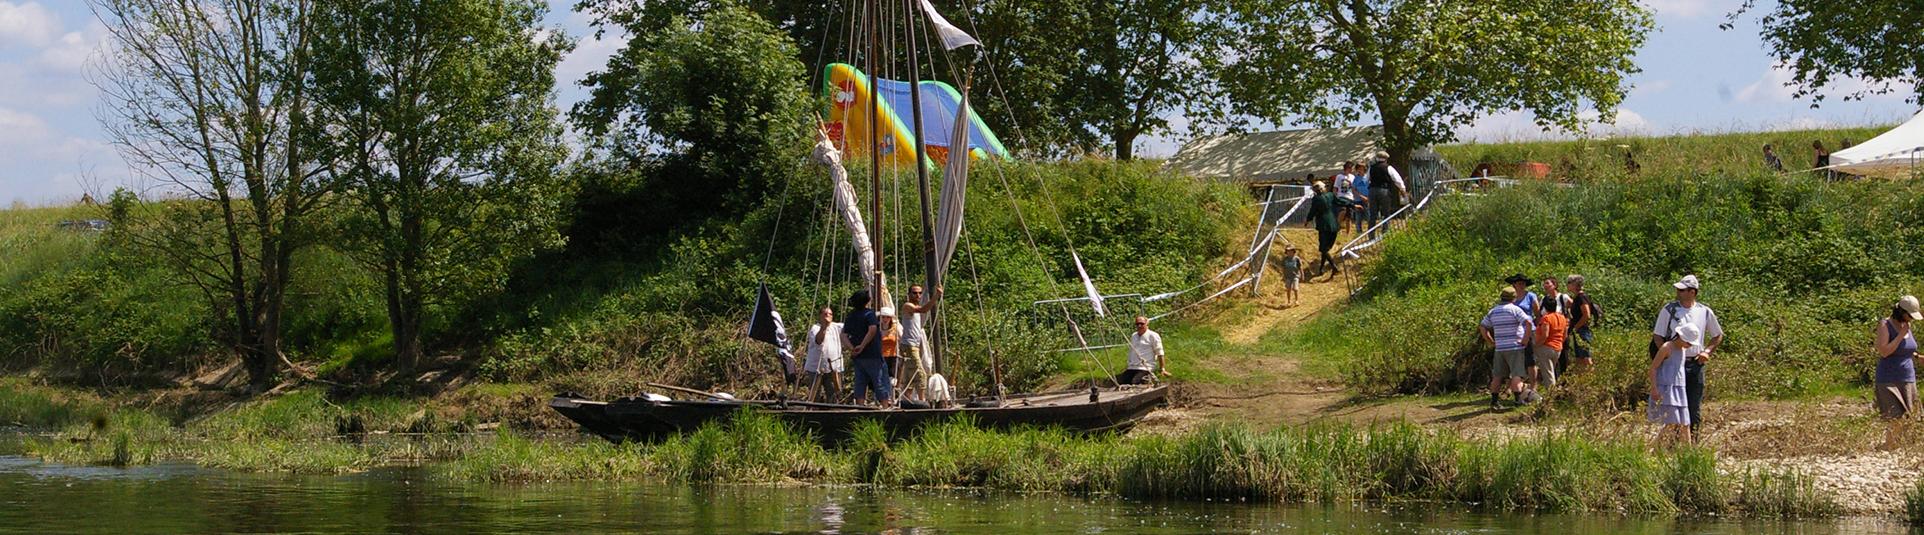 Sandillon et les fêtes de la Loire